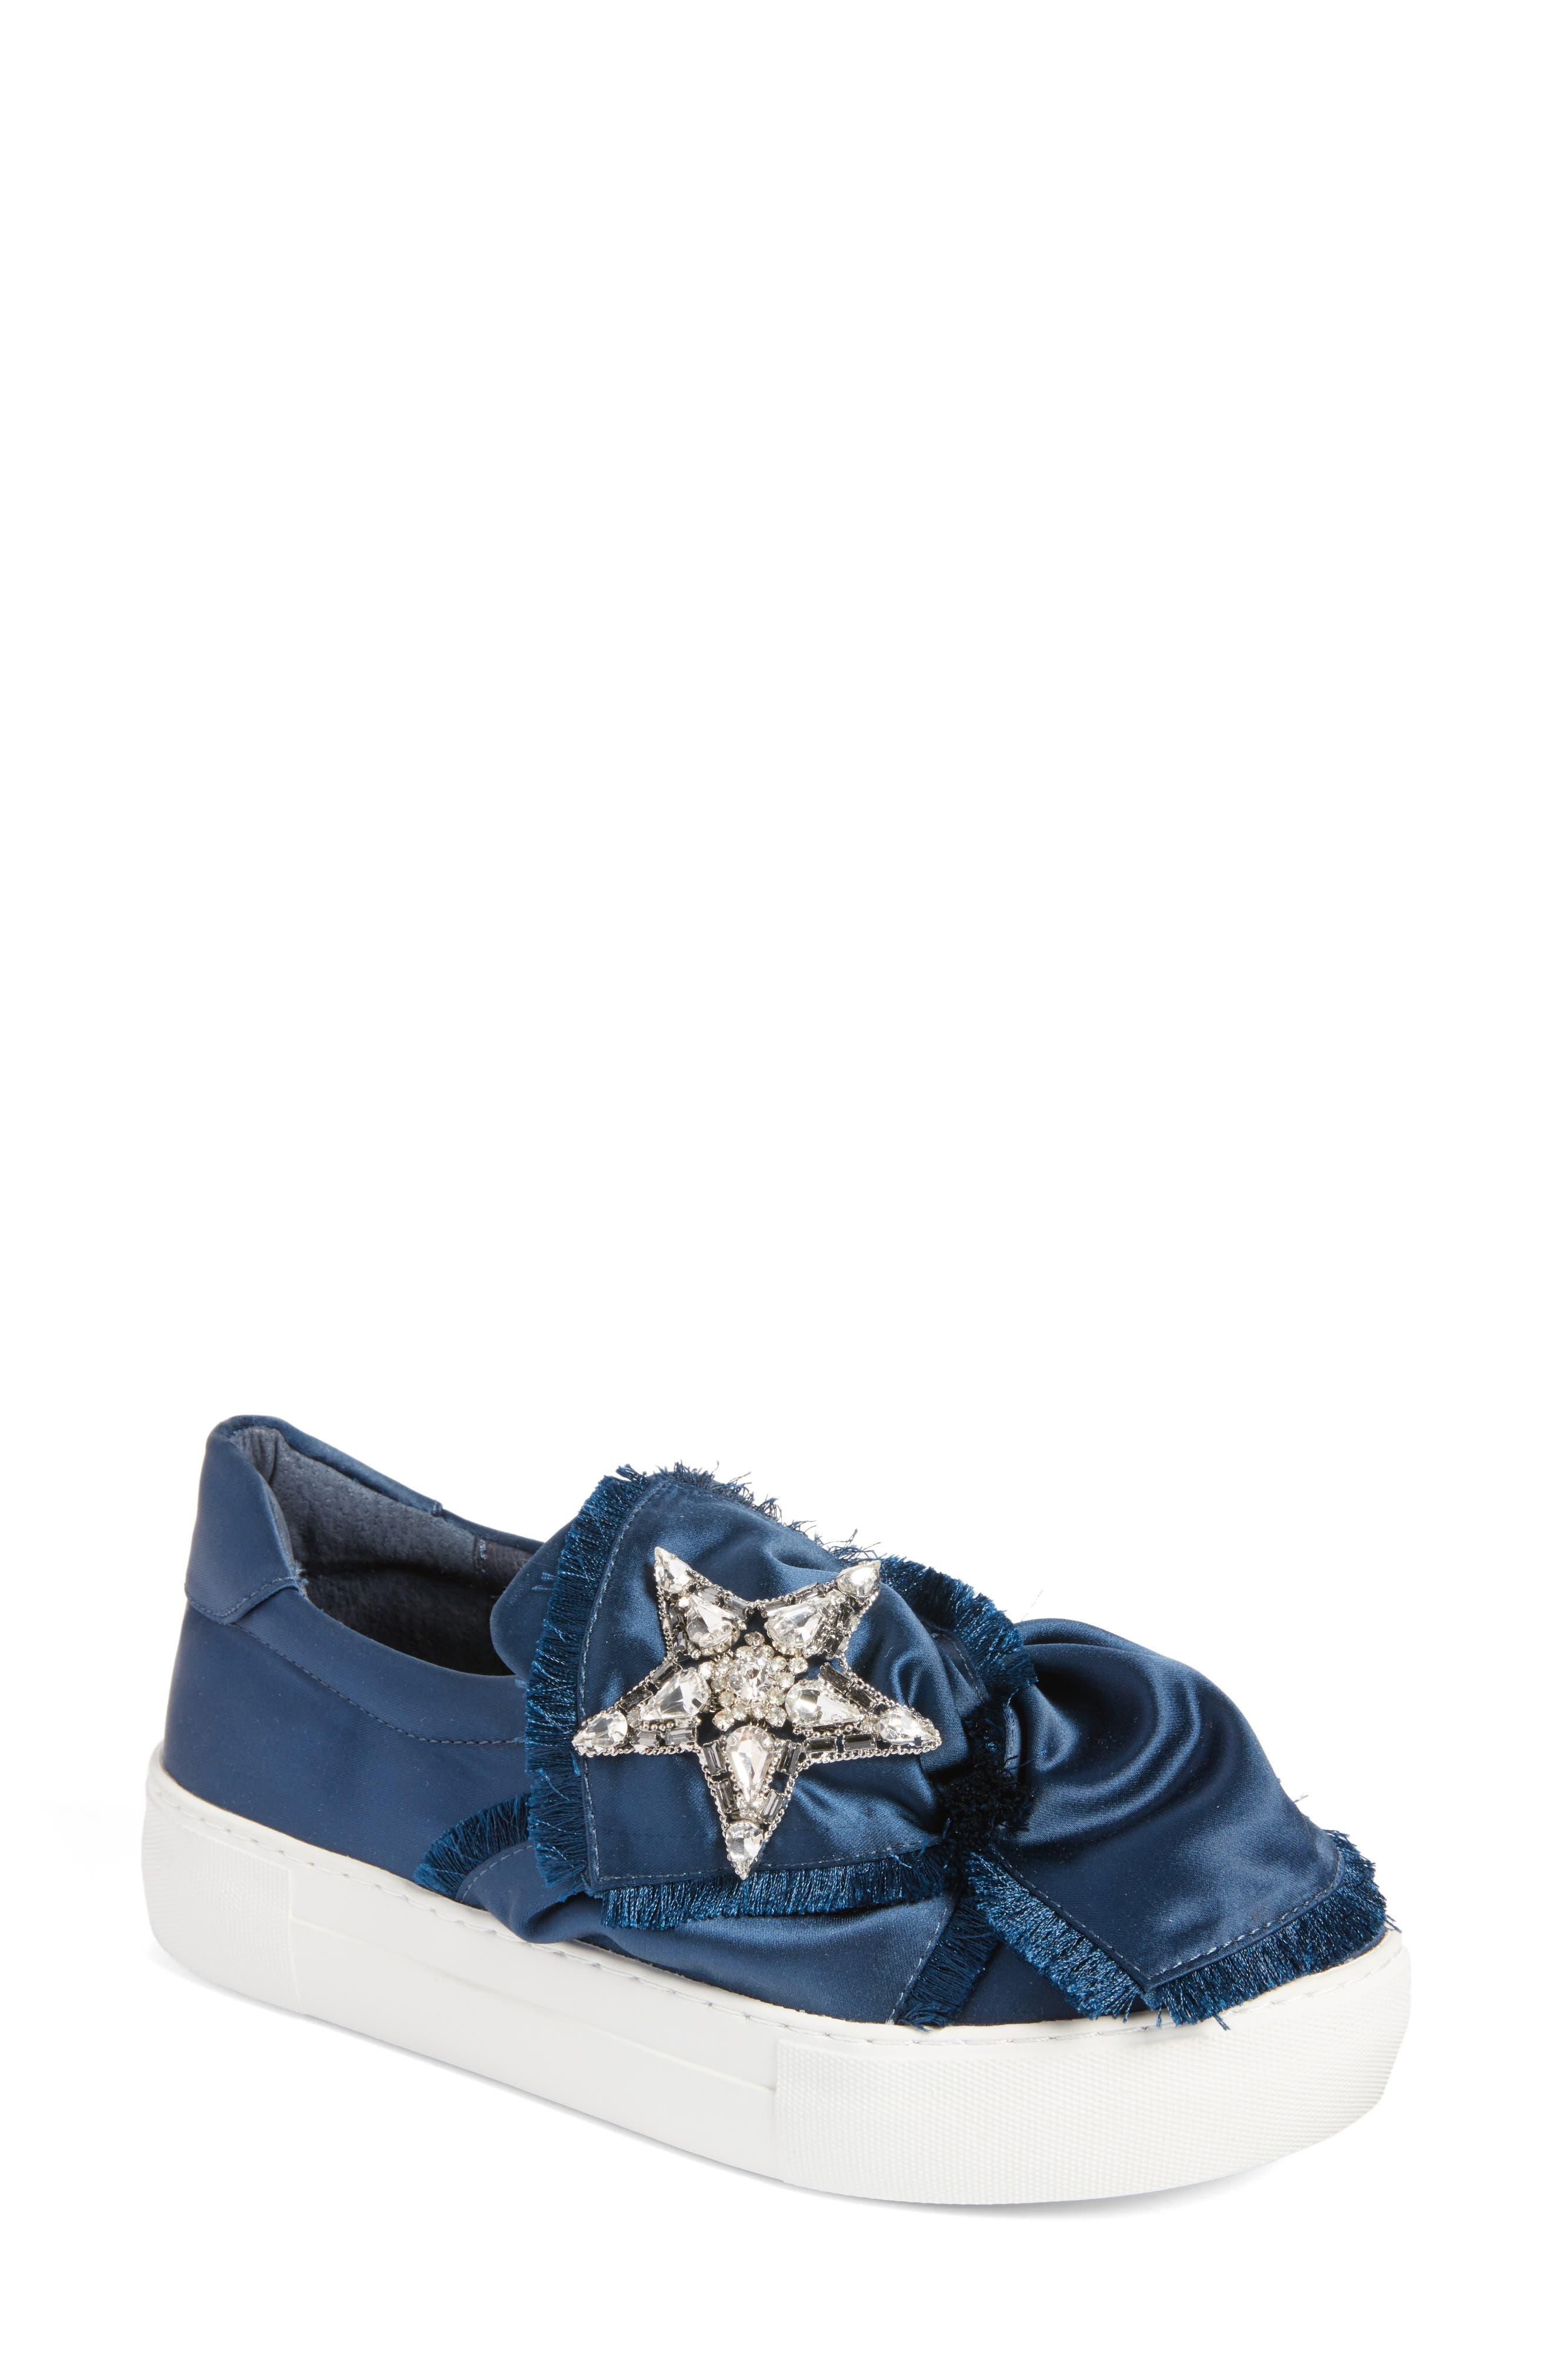 Astor Slip-On Sneaker,                             Main thumbnail 1, color,                             Navy Satin